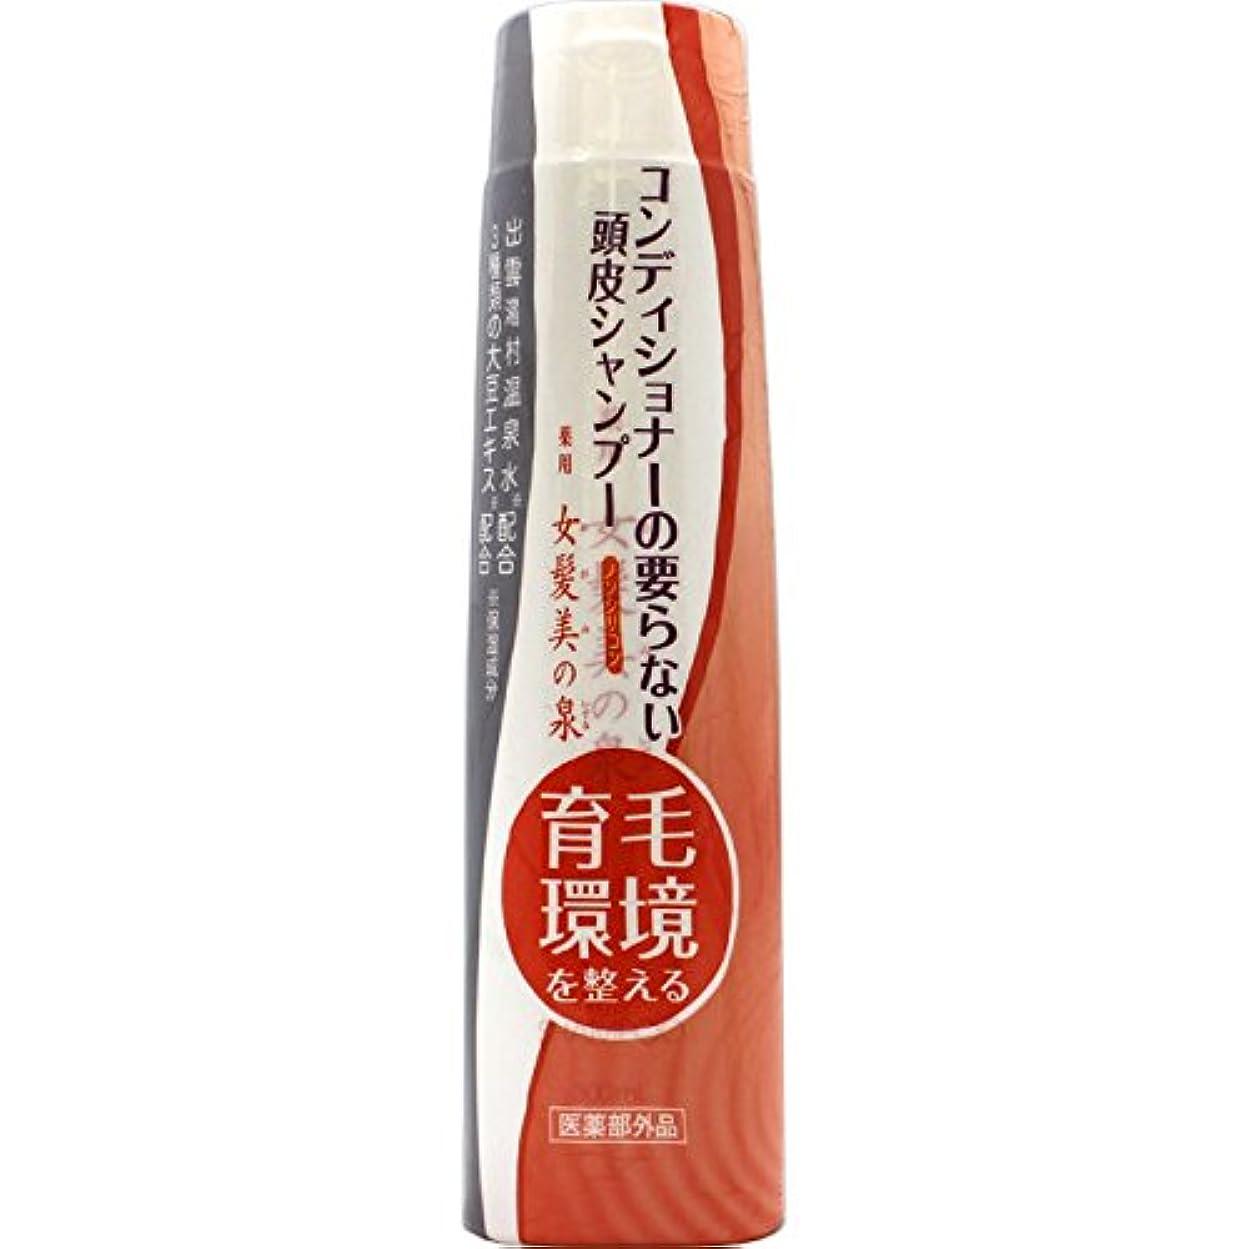 タッチコピー検出する薬用 女髪美の泉 シャンプー300ml×10